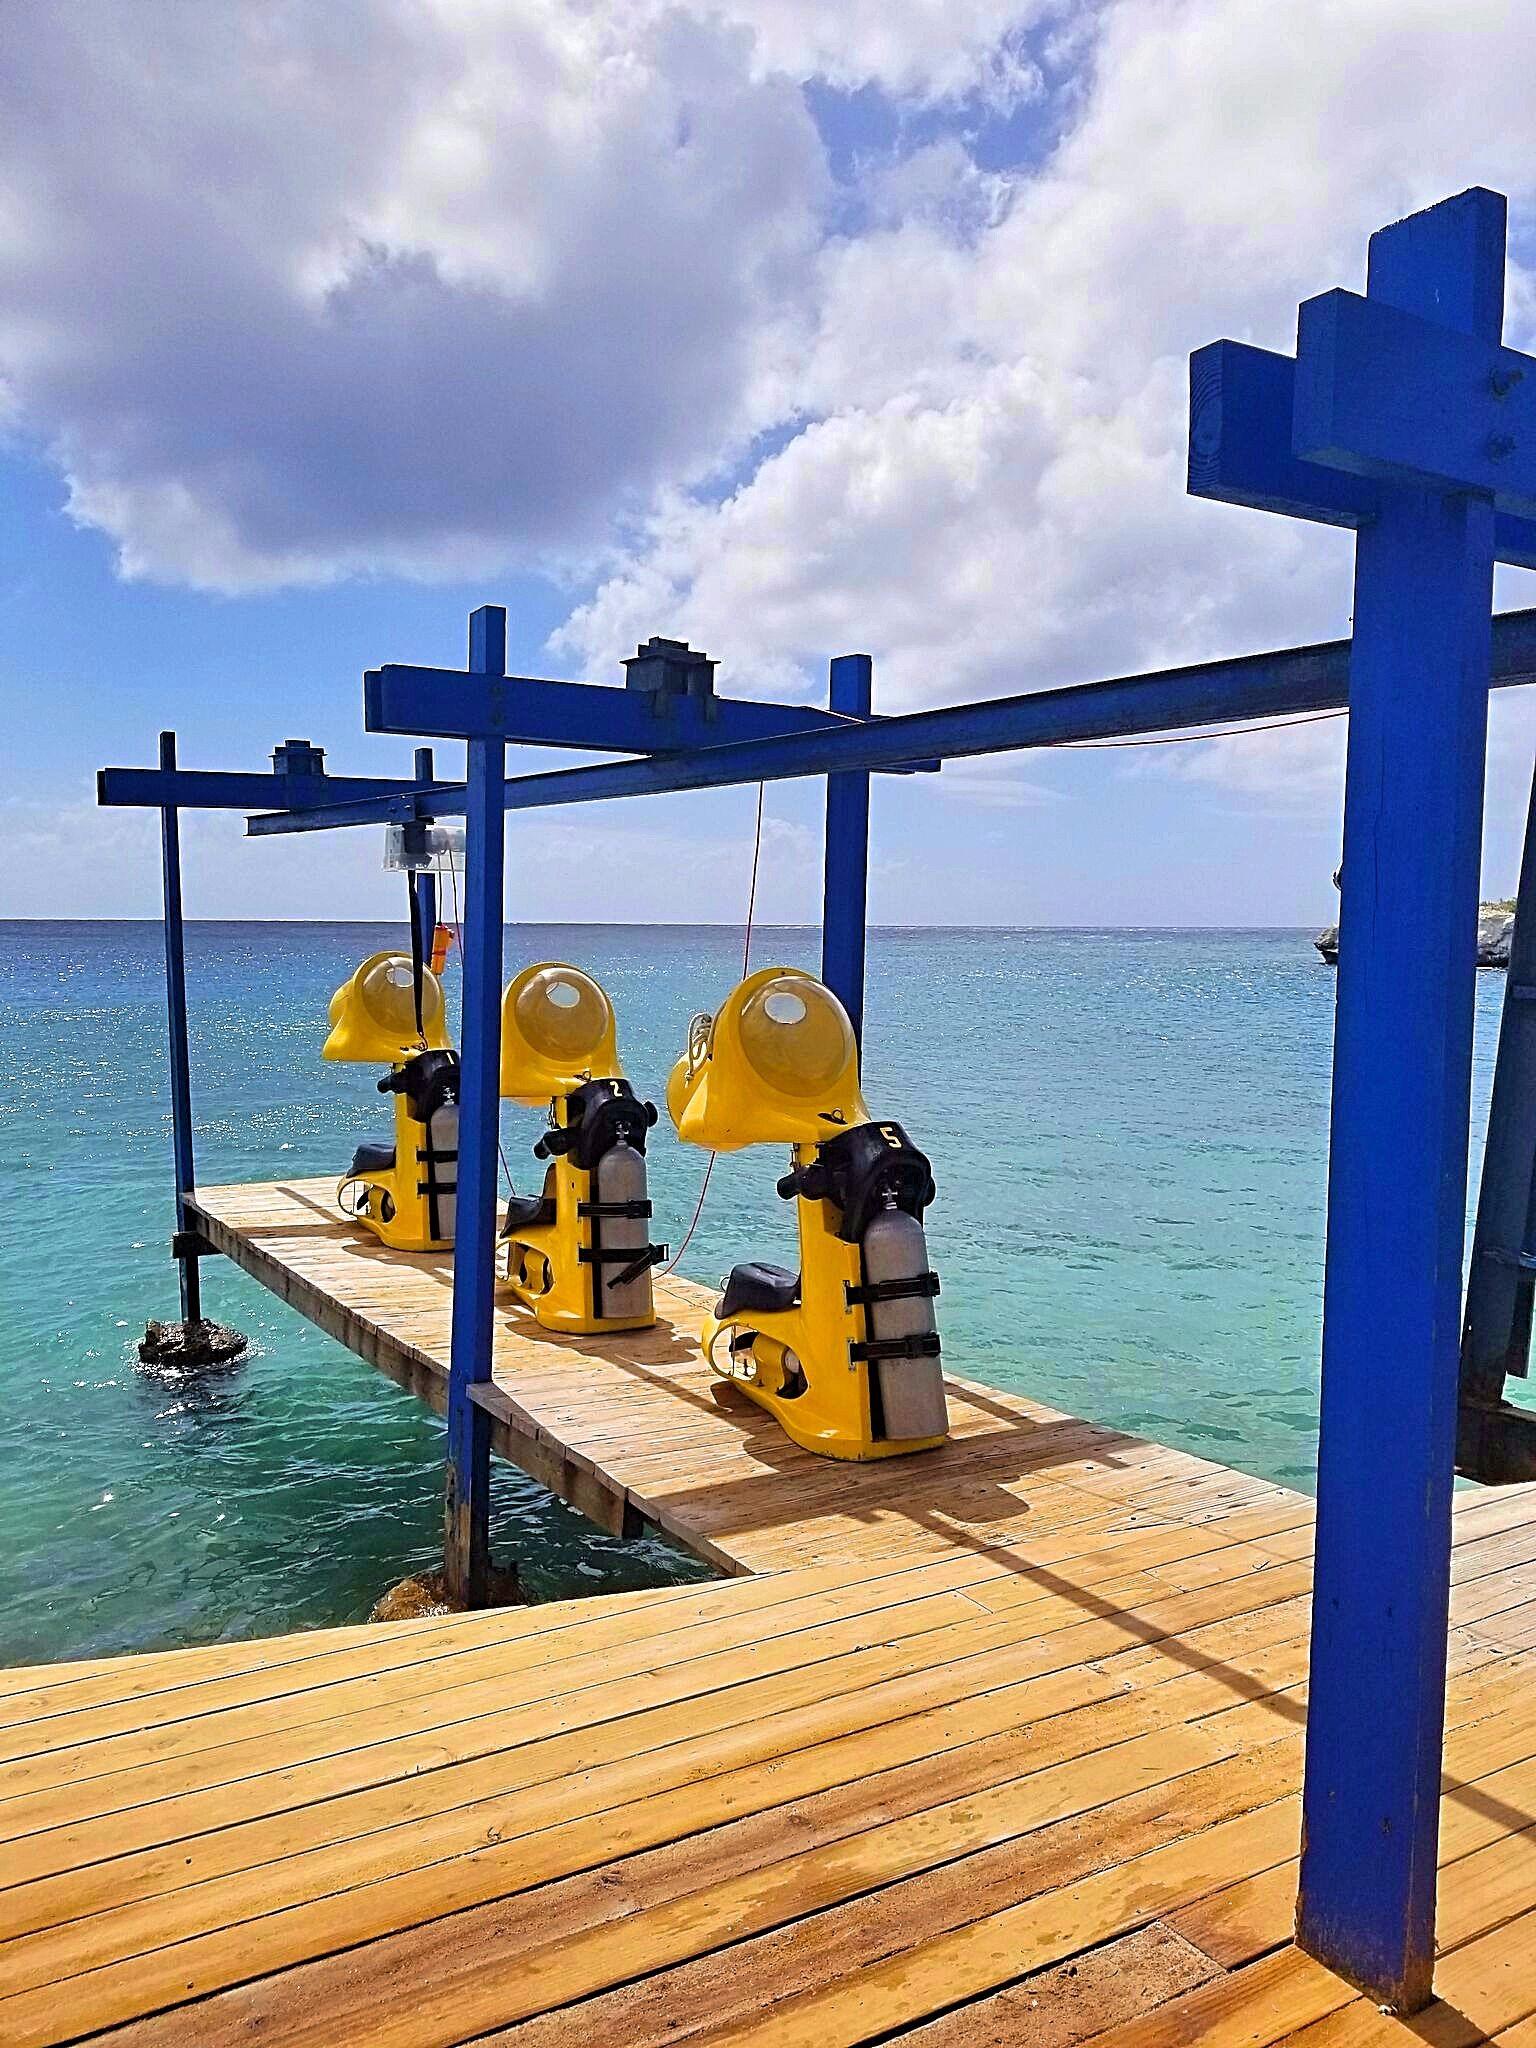 Aquafari-Curaçao